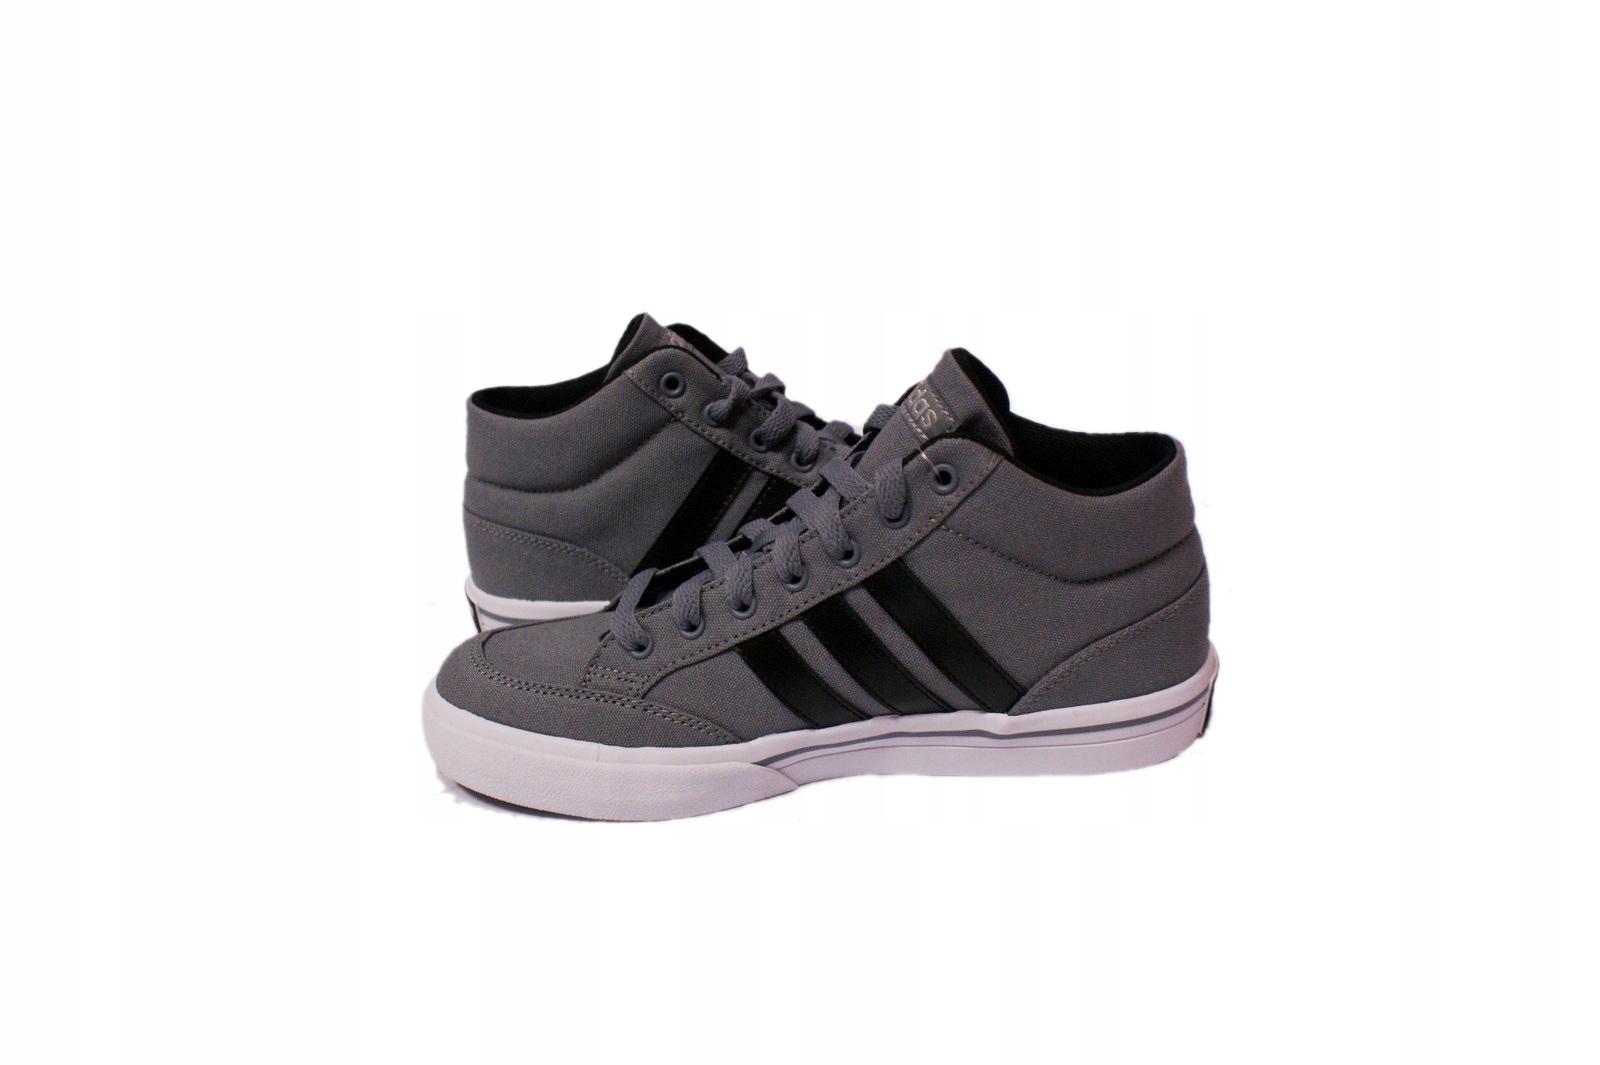 8e232b35f0fd Buty Adidas GVP MiD 39 1 3 Wysokie - 7230479268 - oficjalne archiwum ...